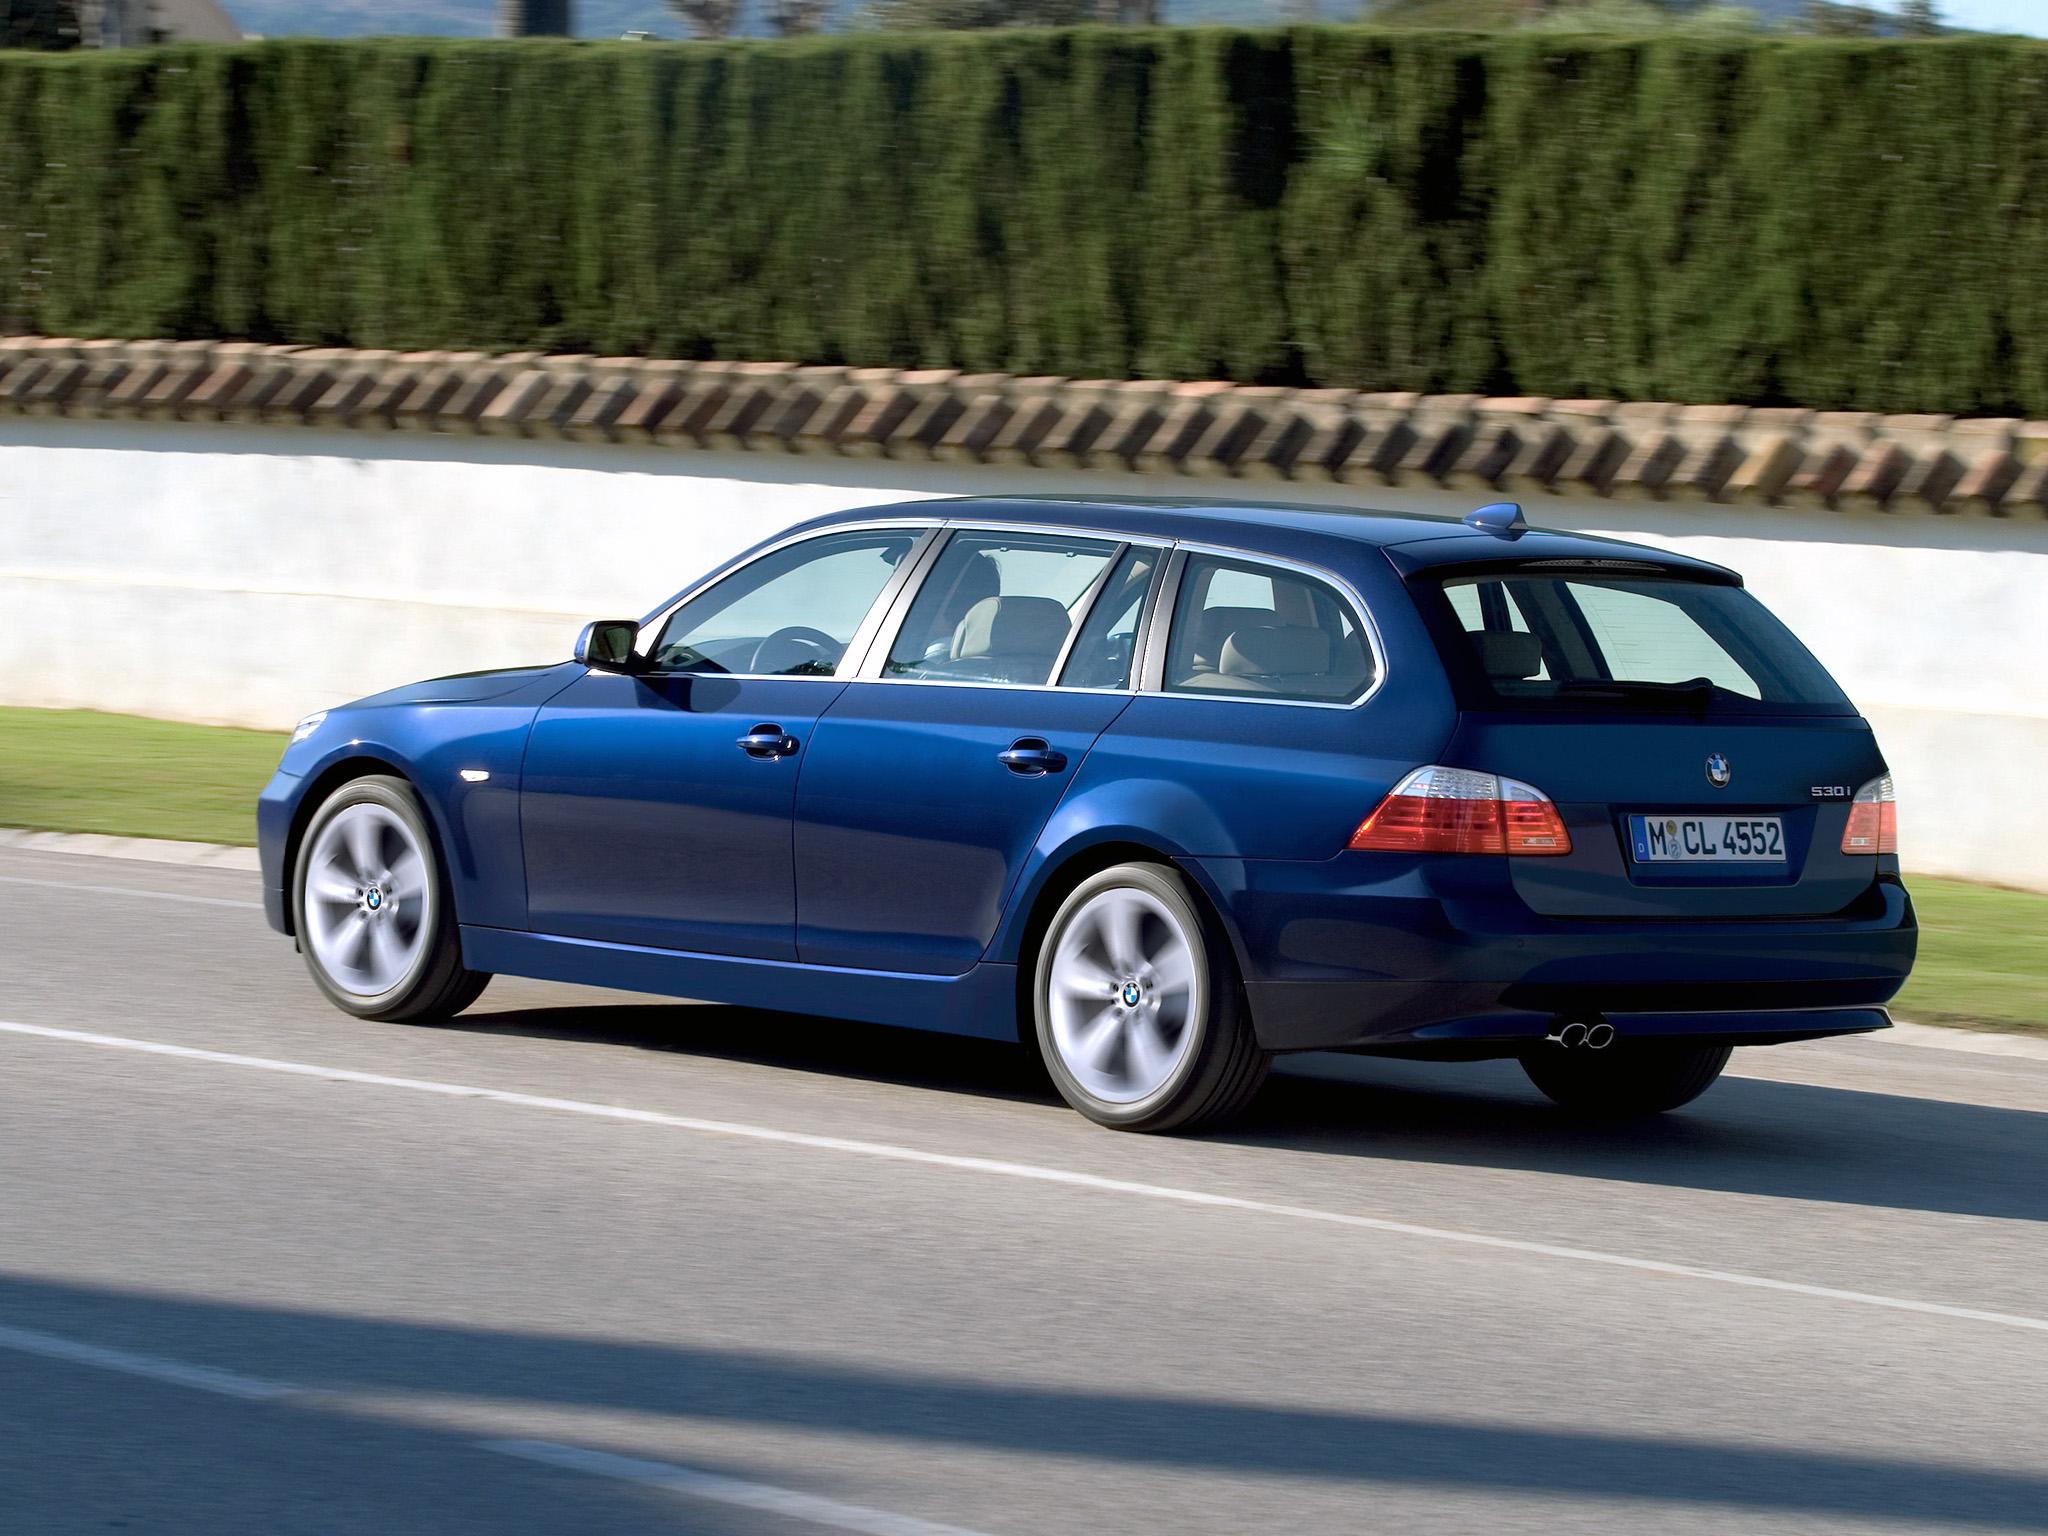 BMW 5 Serie - Dossier - stationwagen - Autovisie.nl